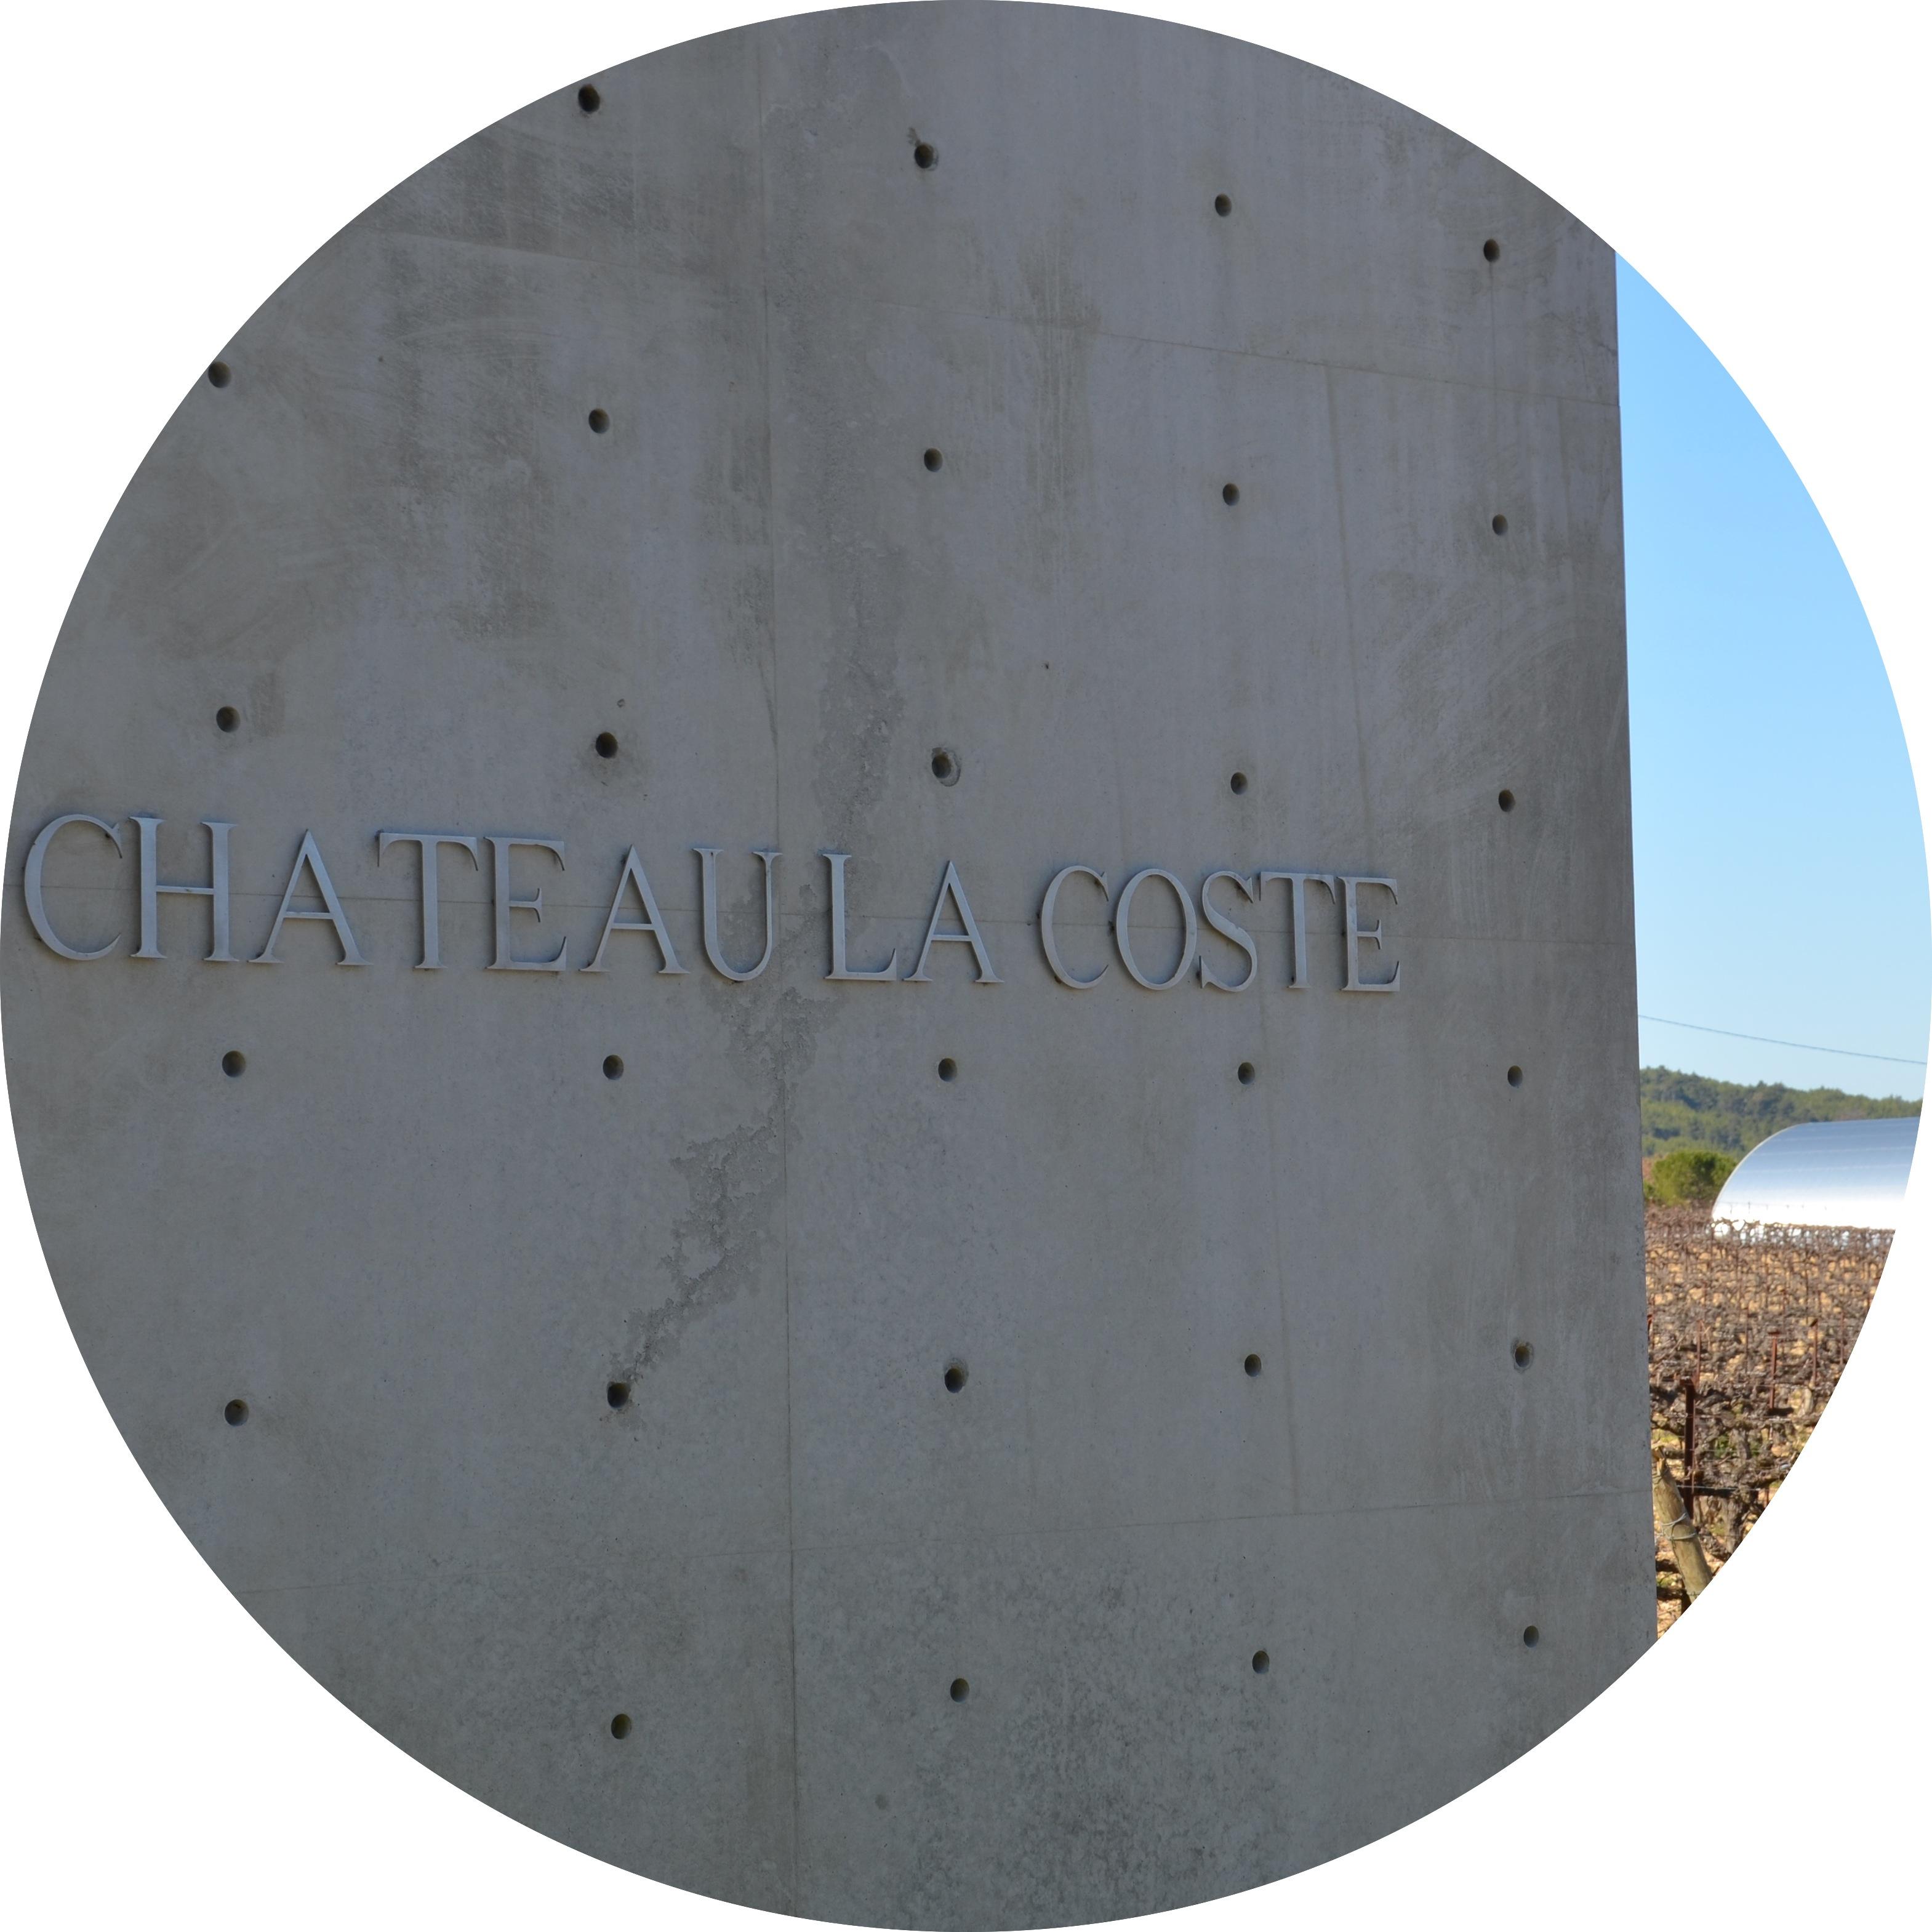 Chateau La Coste - 04.04.2014 - www.MyFrenchLife.org